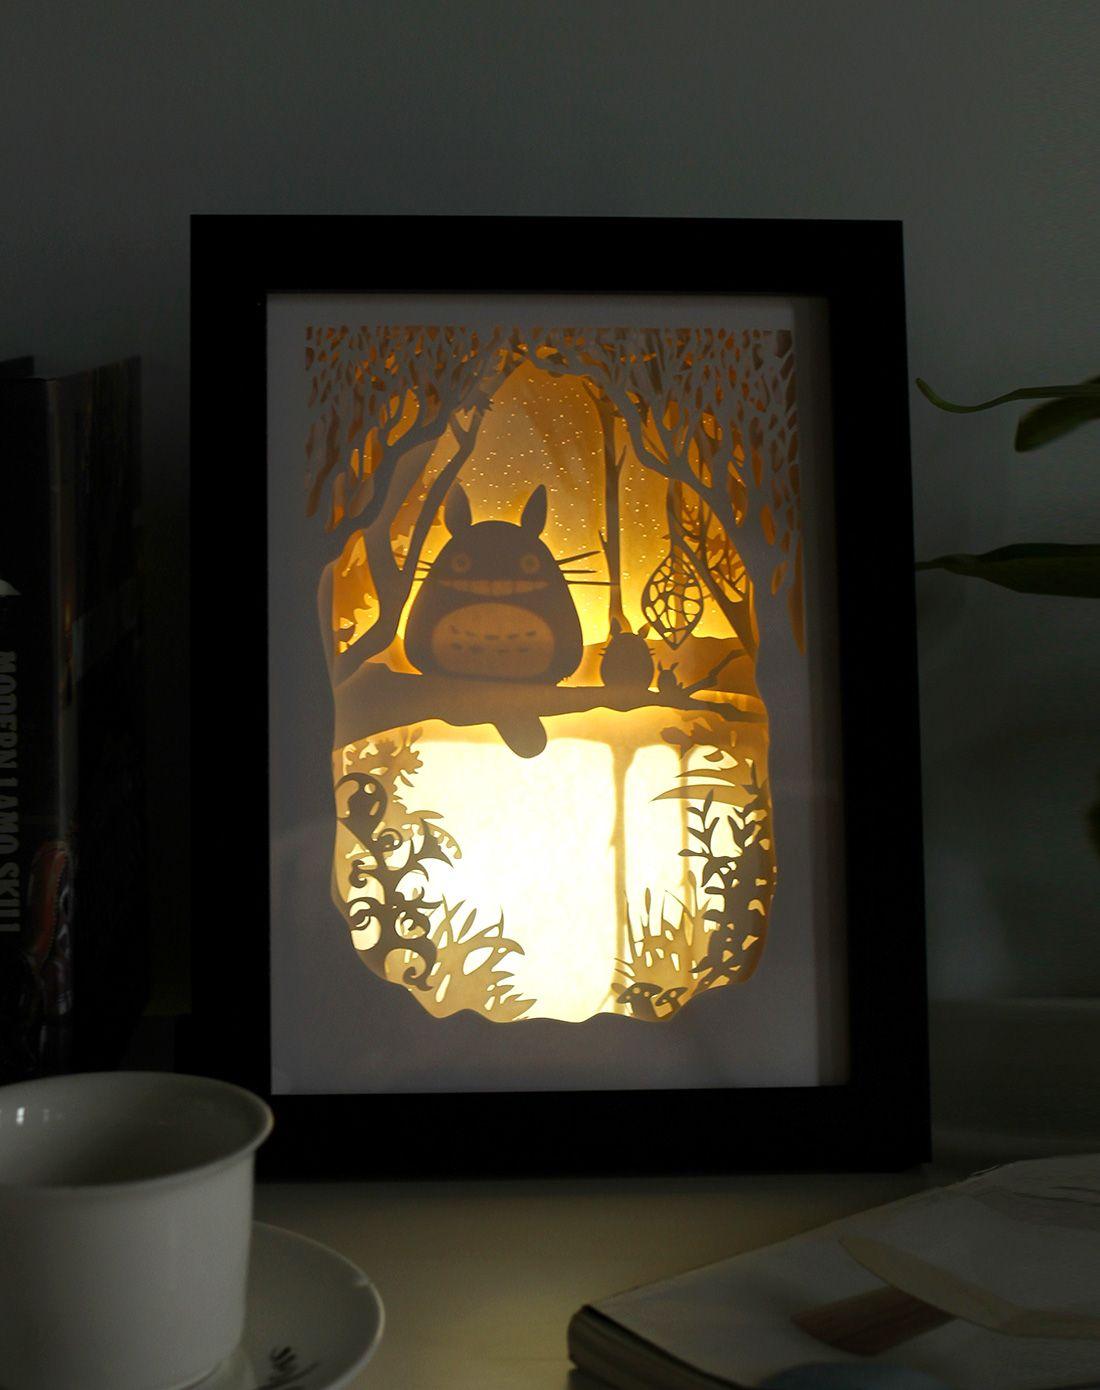 趣玩创意(龙猫)立体风景纸雕装饰画小夜灯tf53064